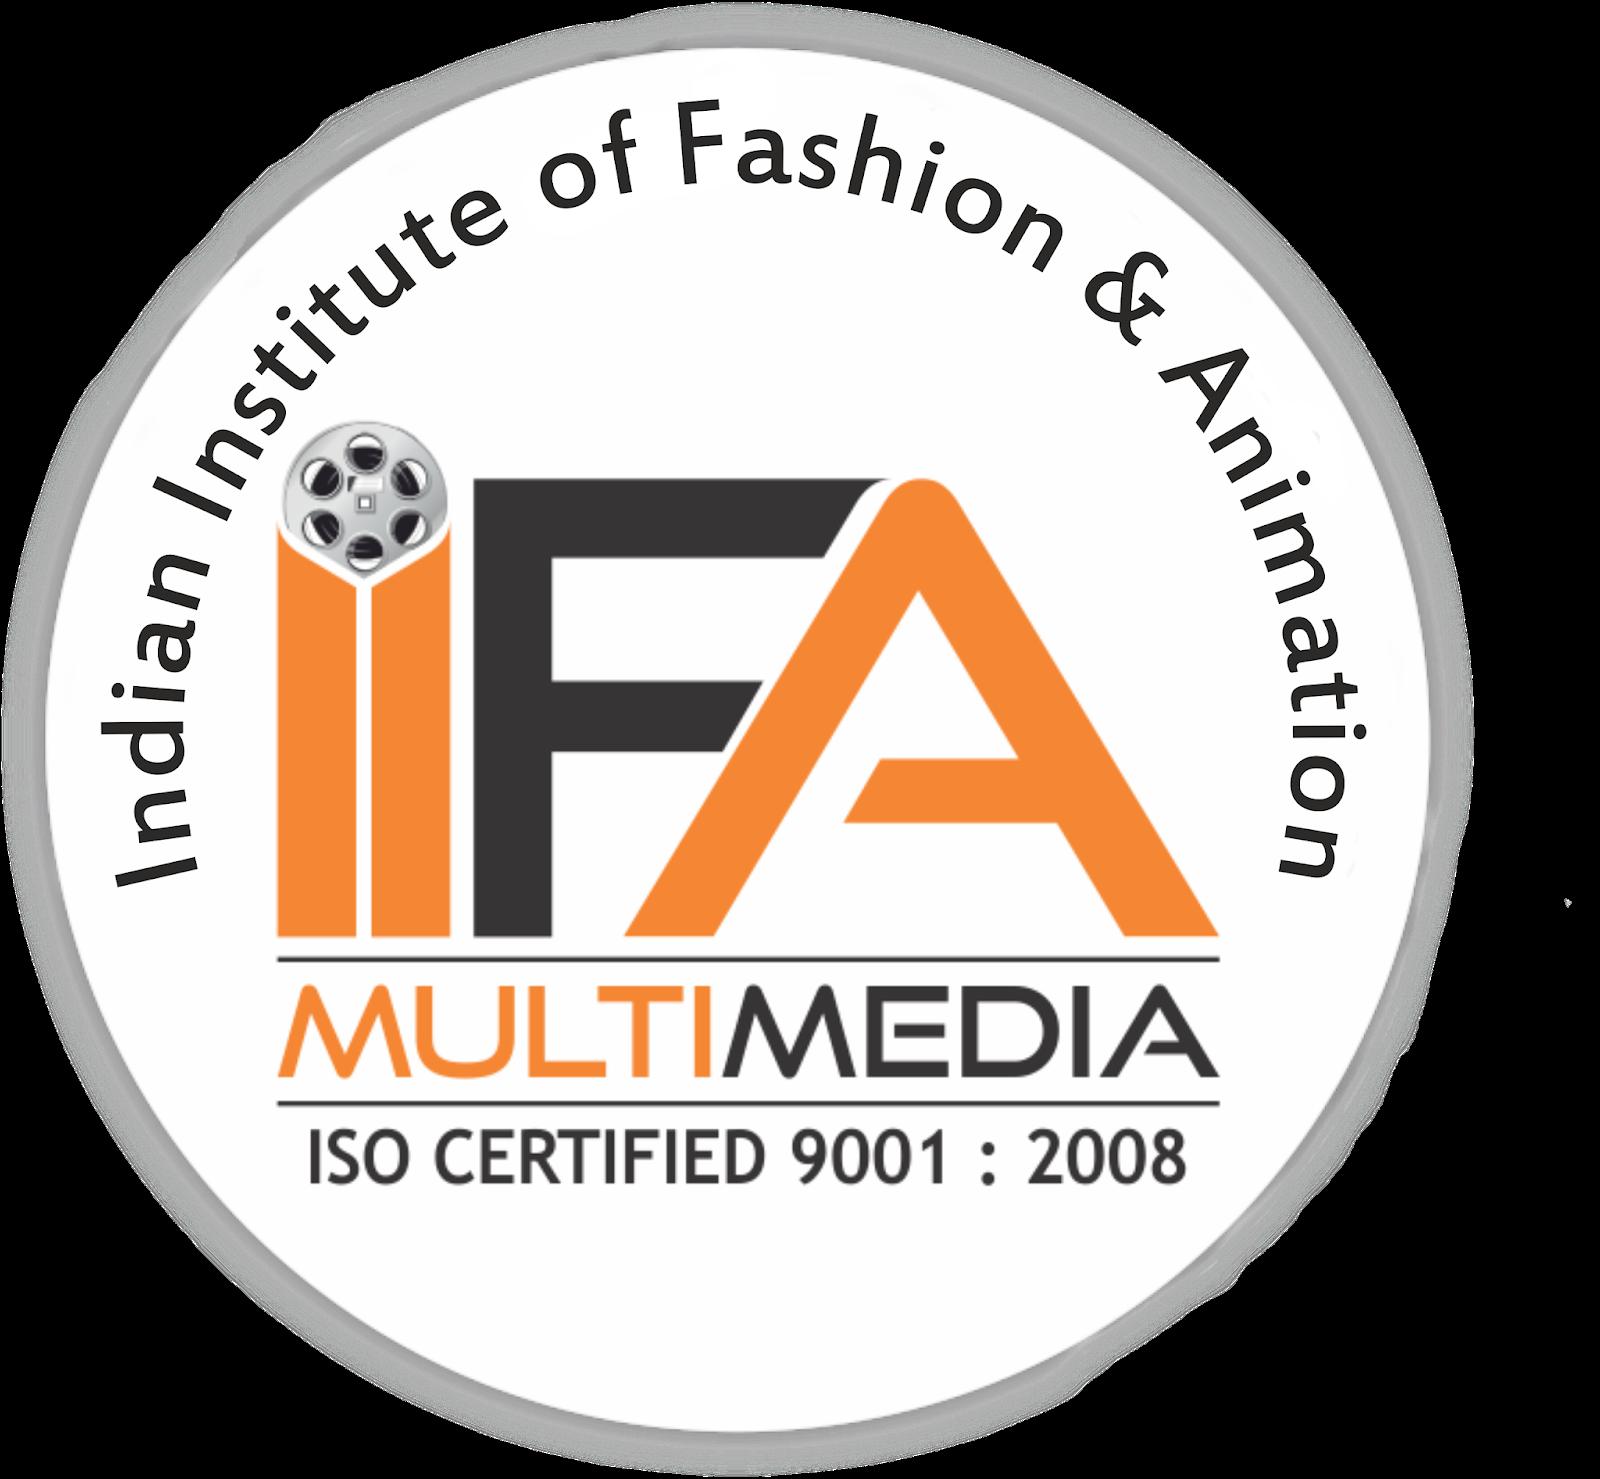 Indian Institute of Fashion & Animation - Bangalore